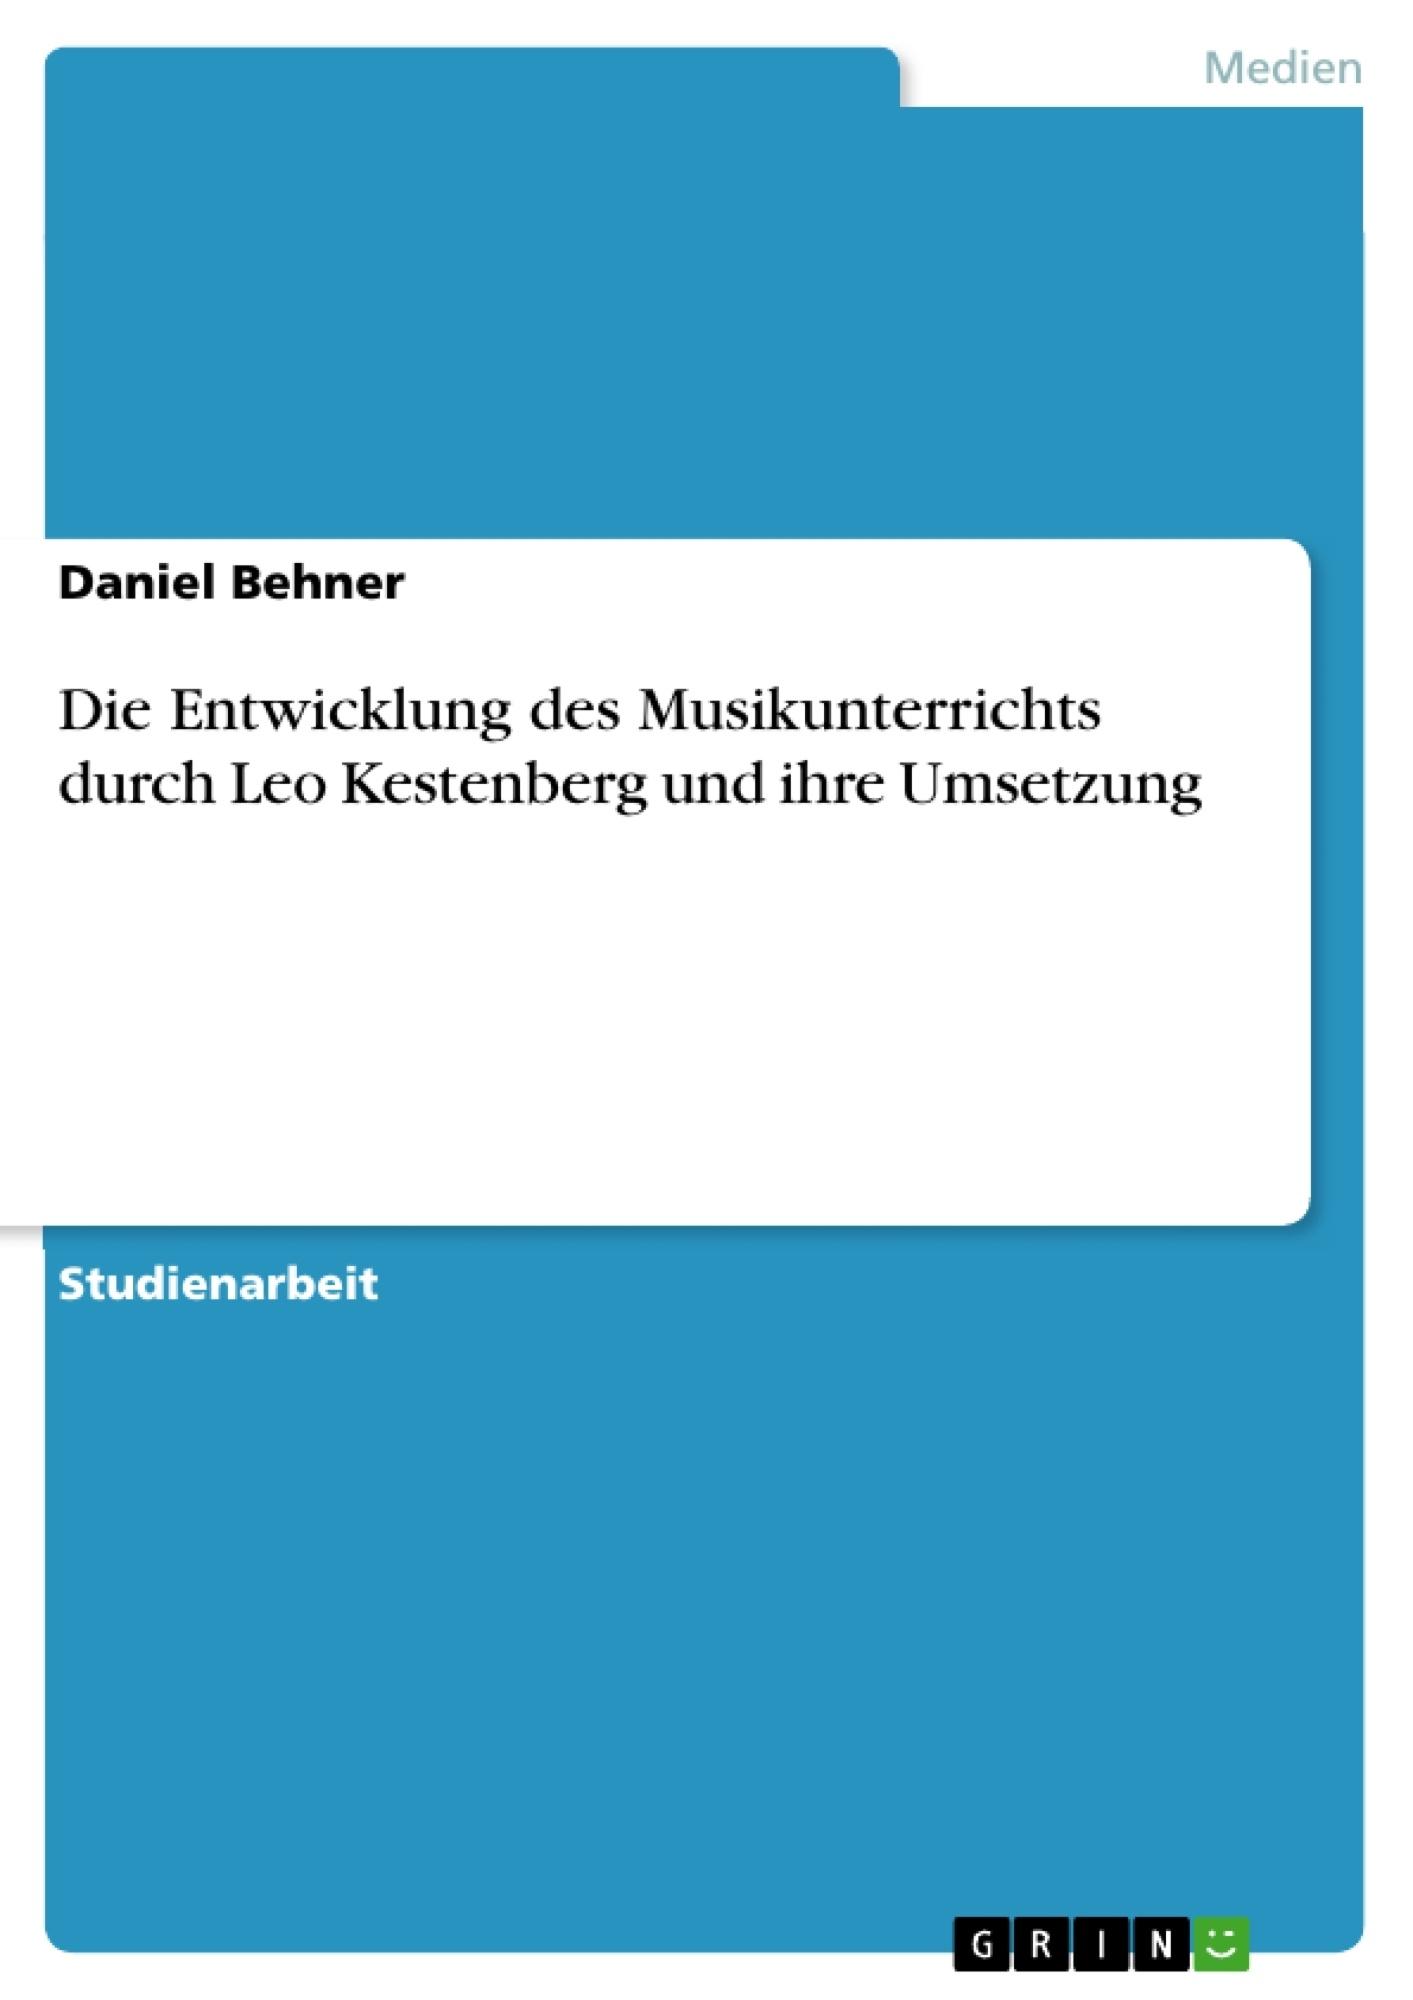 Titel: Die Entwicklung des Musikunterrichts durch Leo Kestenberg und ihre Umsetzung